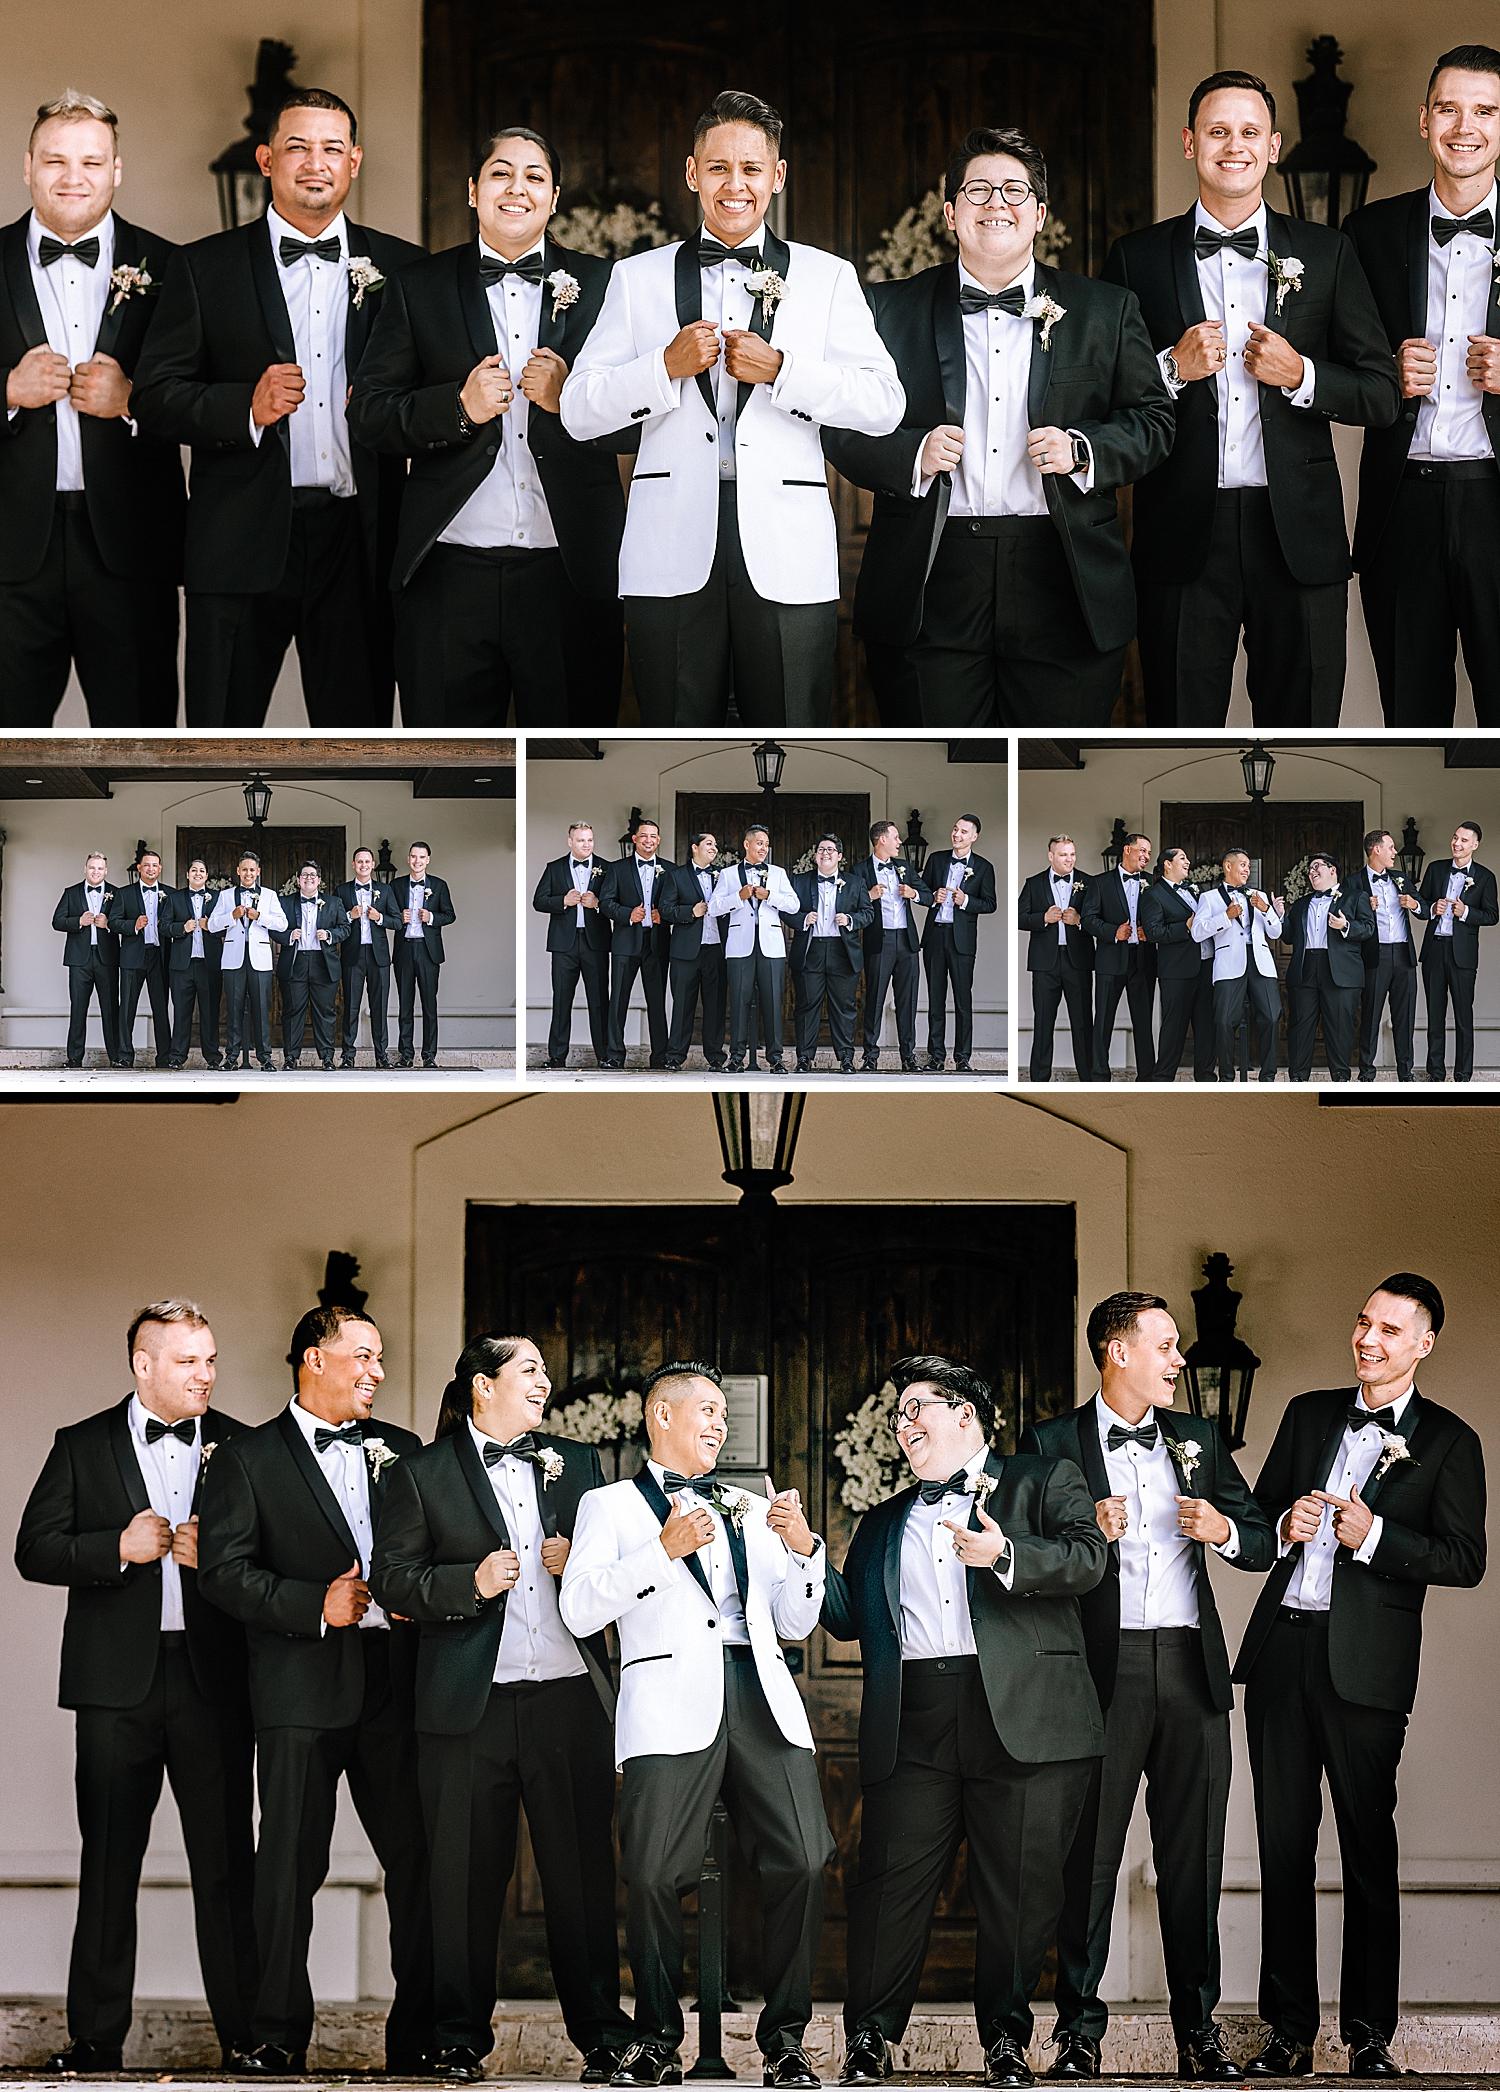 Carly-Barton-Photography-The-Villa-at-Cielo-Vista-Blush-Gold-White-Wedding-Photos_0120.jpg